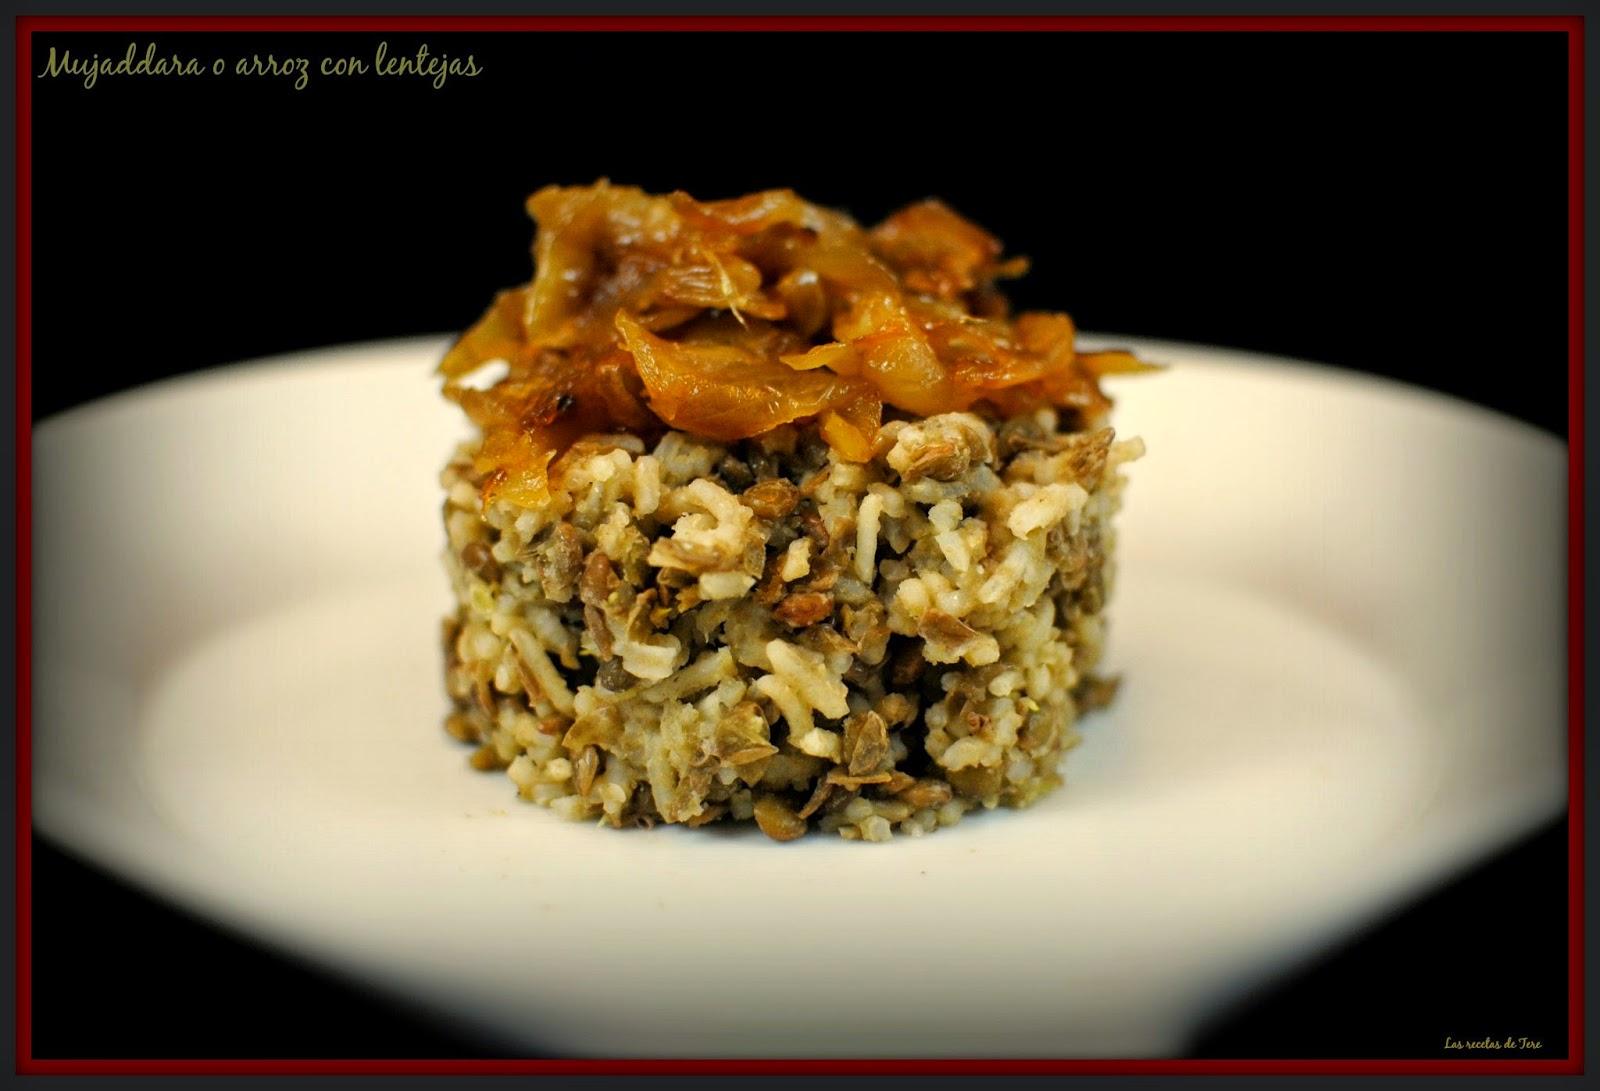 Mujaddara o arroz con lentejas tererecetas 03